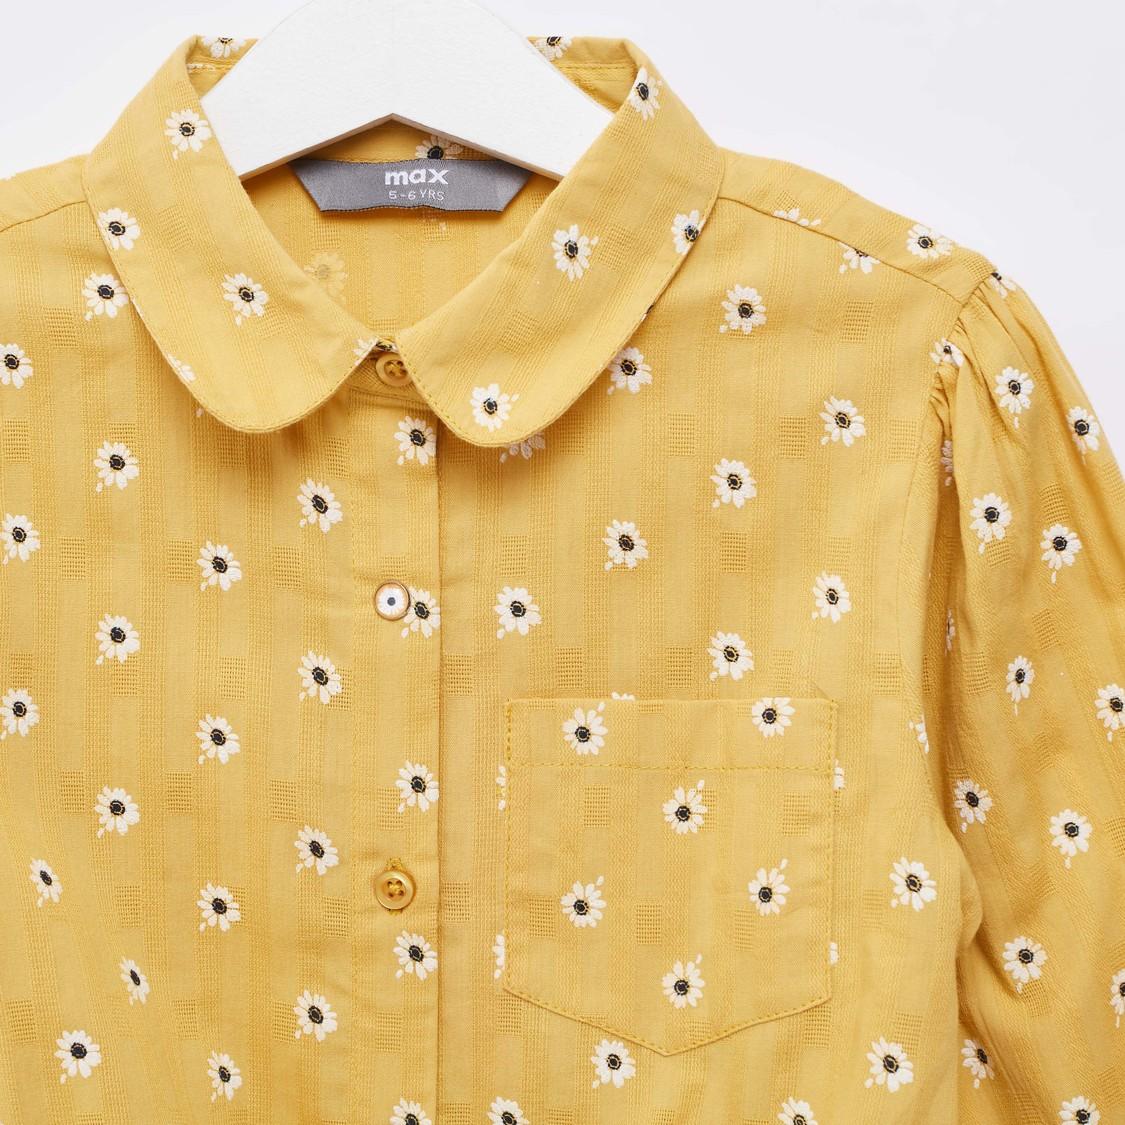 قميص بأكمام طويلة وربطة أمامية وتطريزات زهور